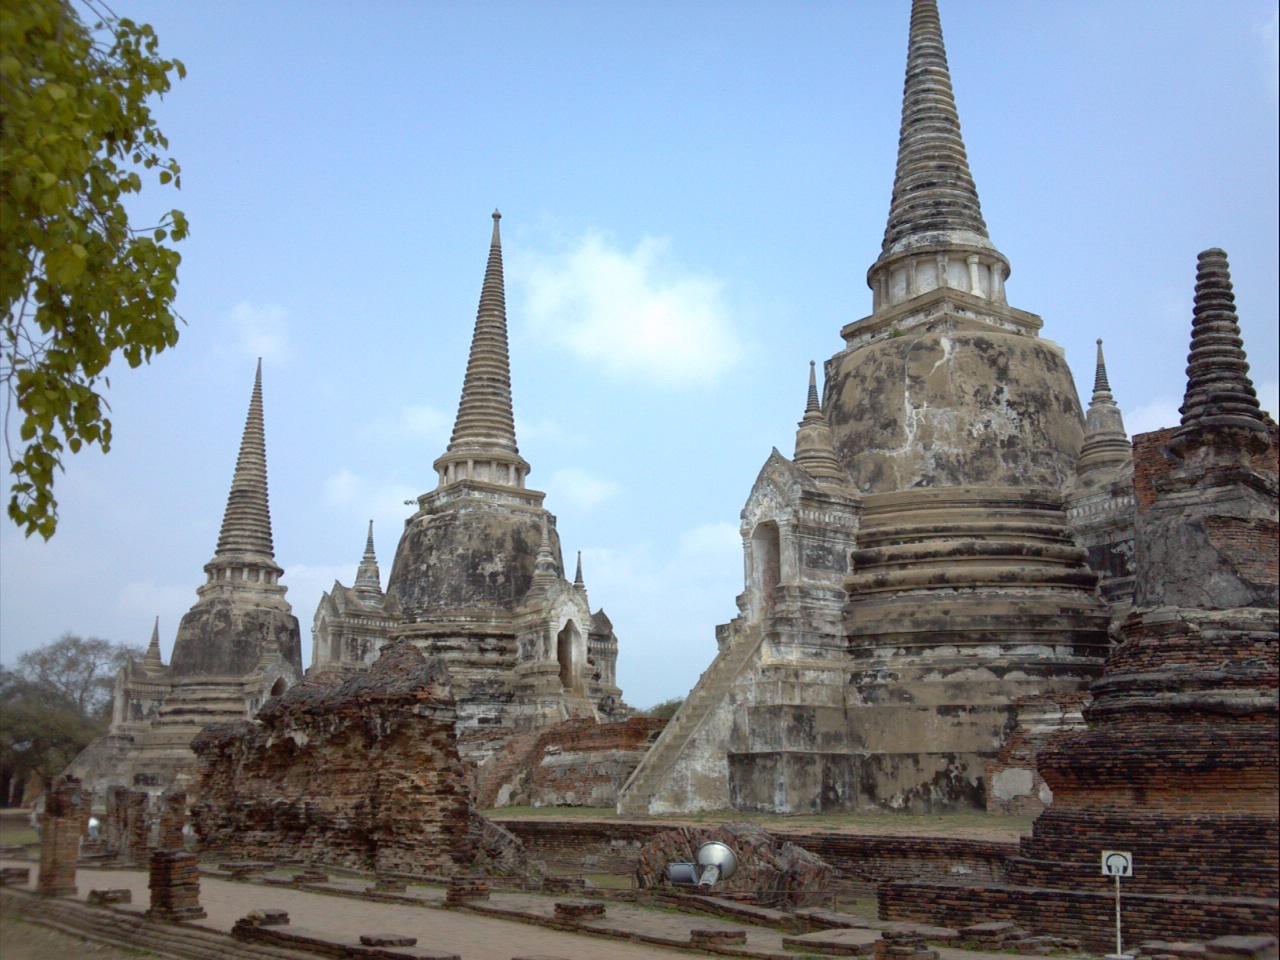 タイの名所おすすめランキングTOP15!人気の観光スポットや名物も!